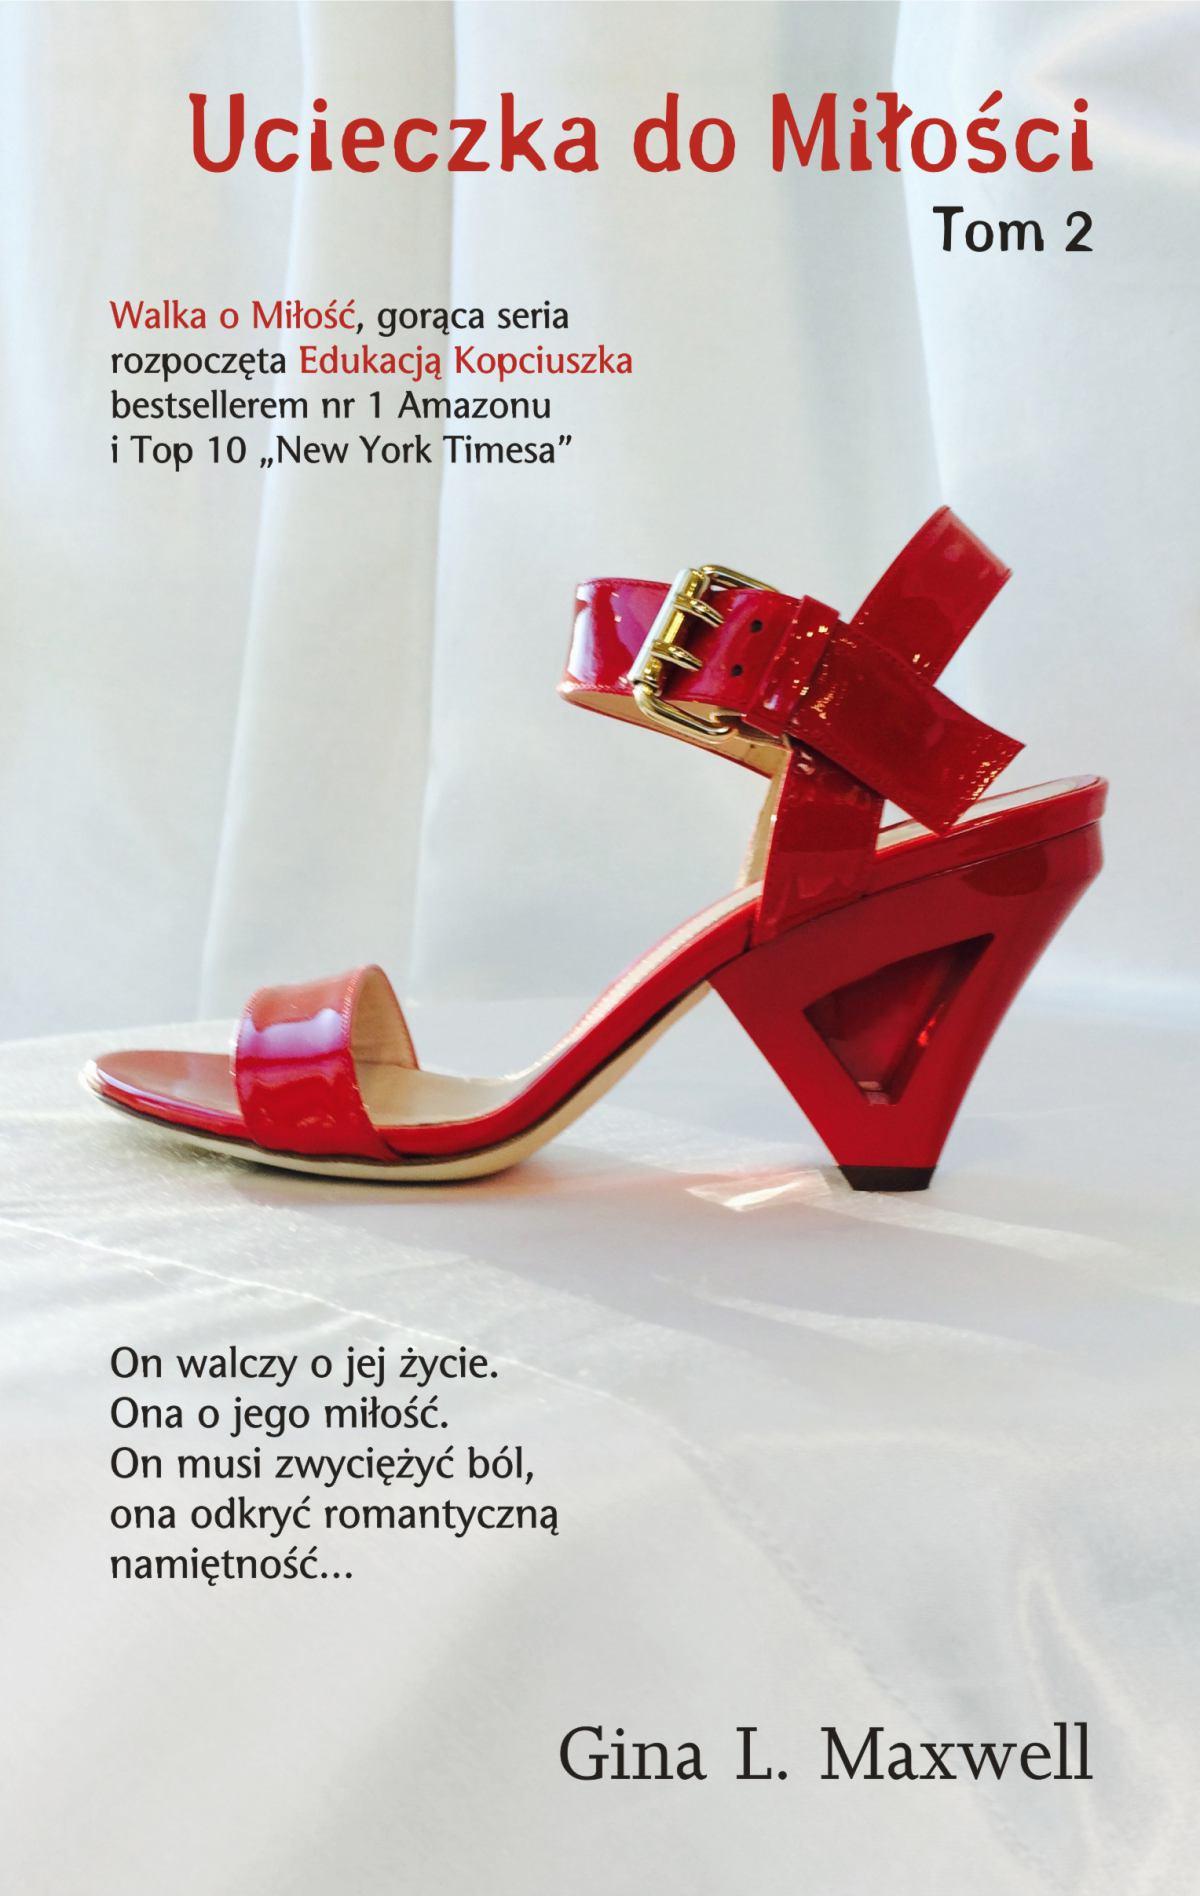 Ucieczka do miłości. Tom 2 - Ebook (Książka na Kindle) do pobrania w formacie MOBI